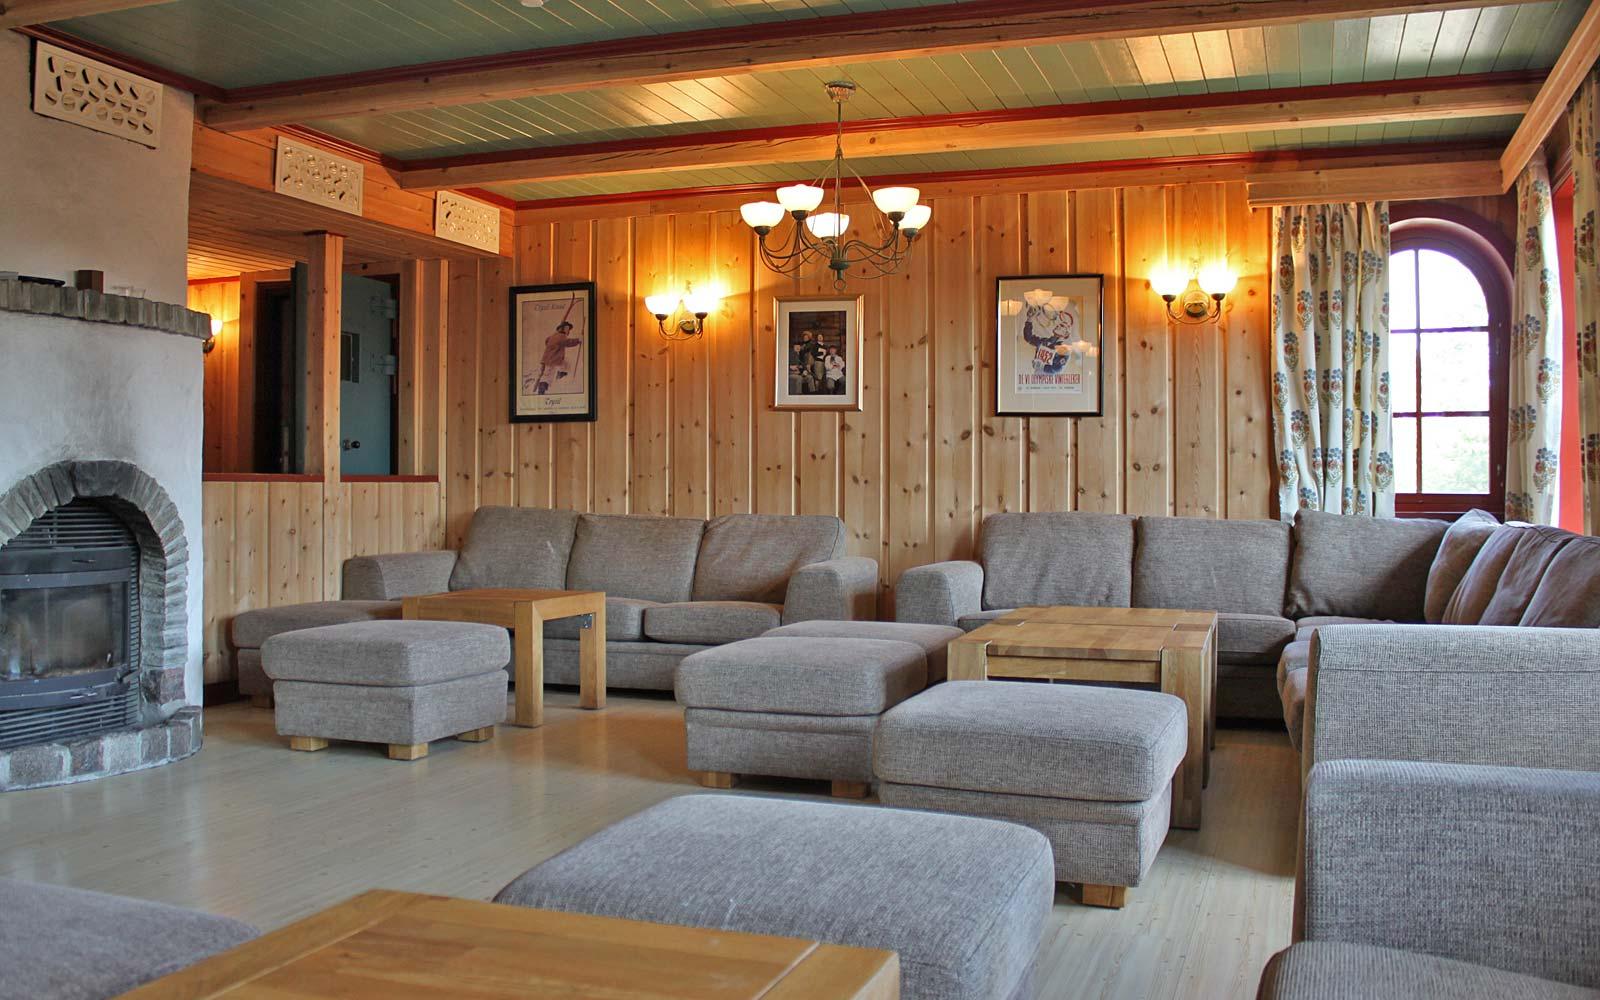 Peisestue 2 hytte Storskogen Sjumilskogen booking Trysil